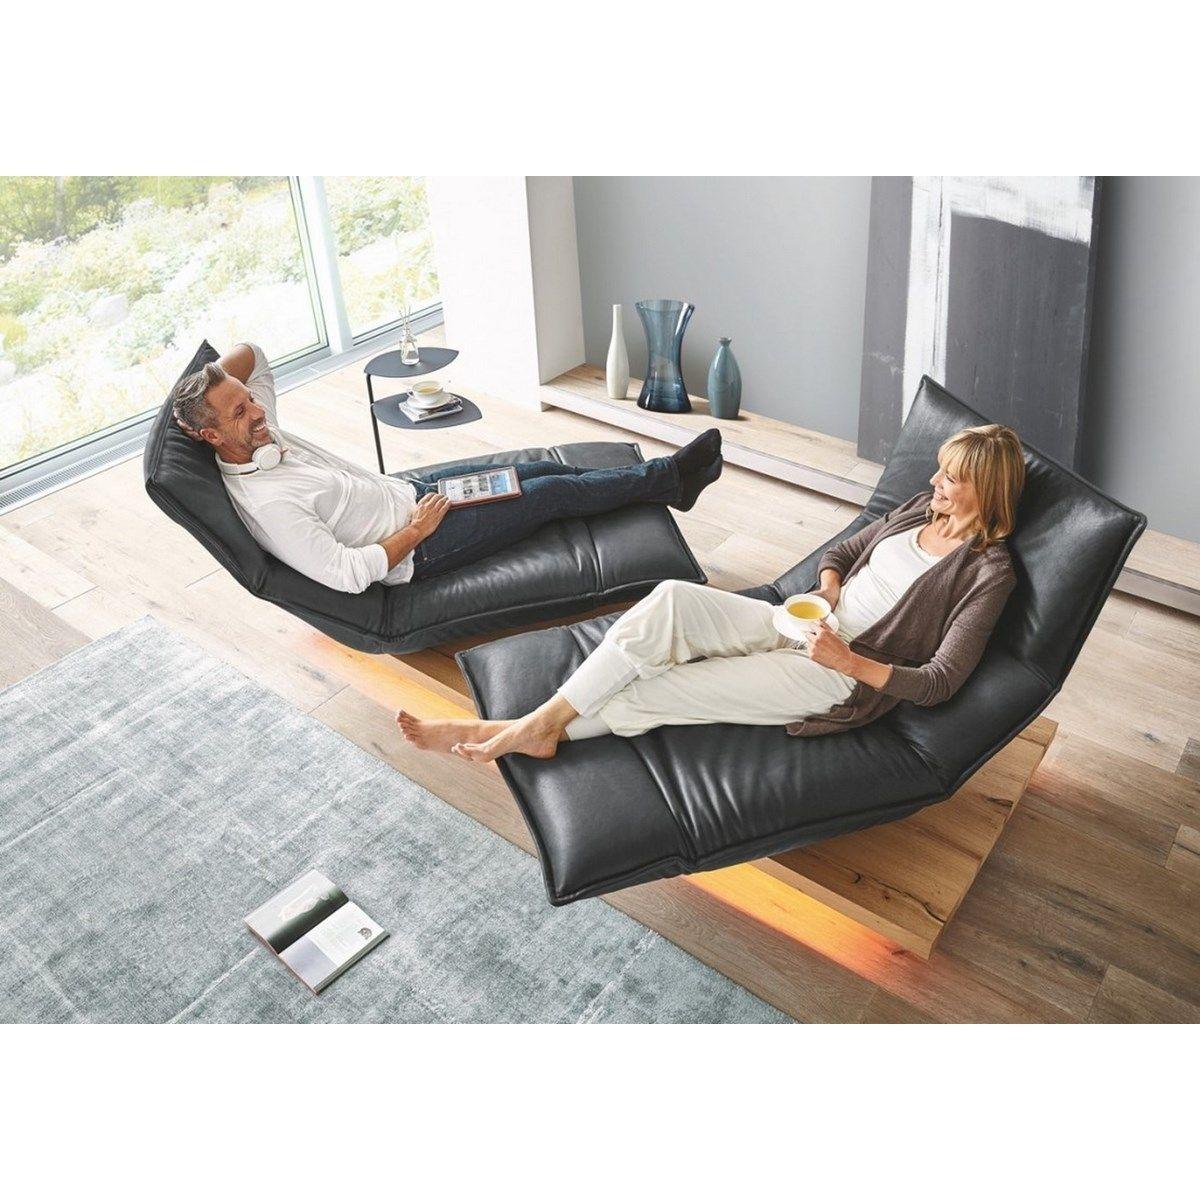 Banc canapé design en cuir double méridien décontracté ANDERSON DAY LOUNGE noir